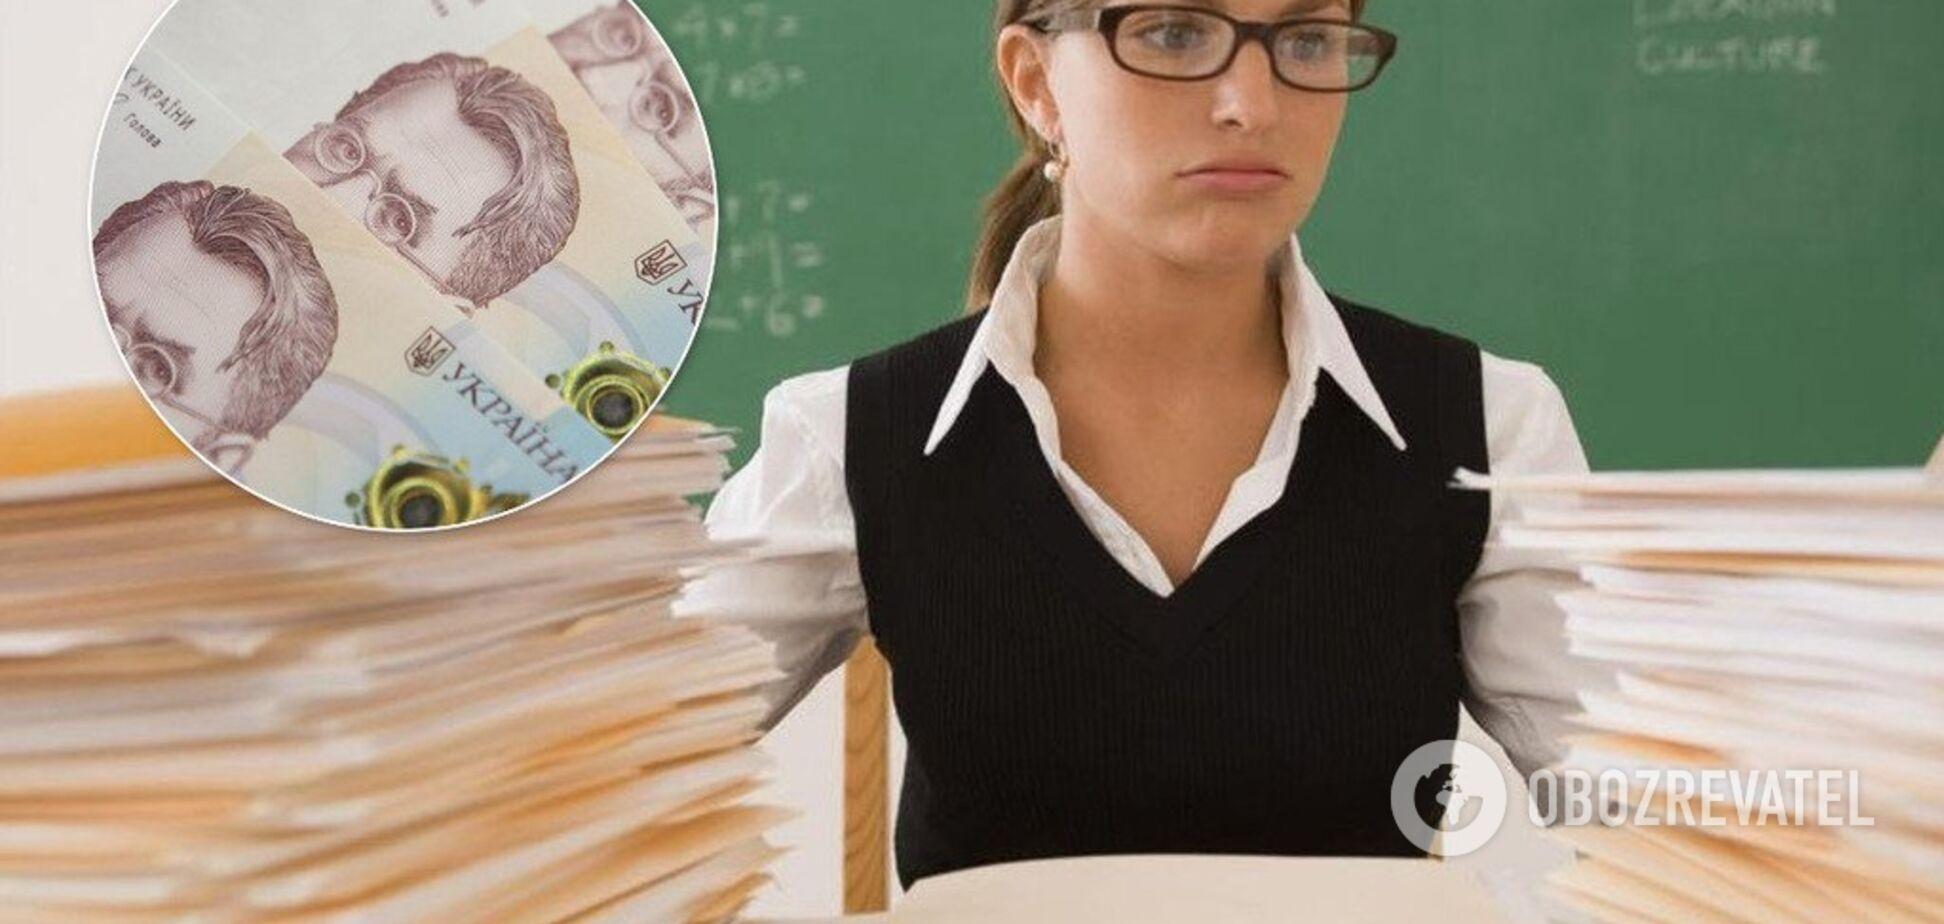 Зарплати в Україні: Милованов пообіцяв різке зростання через три роки